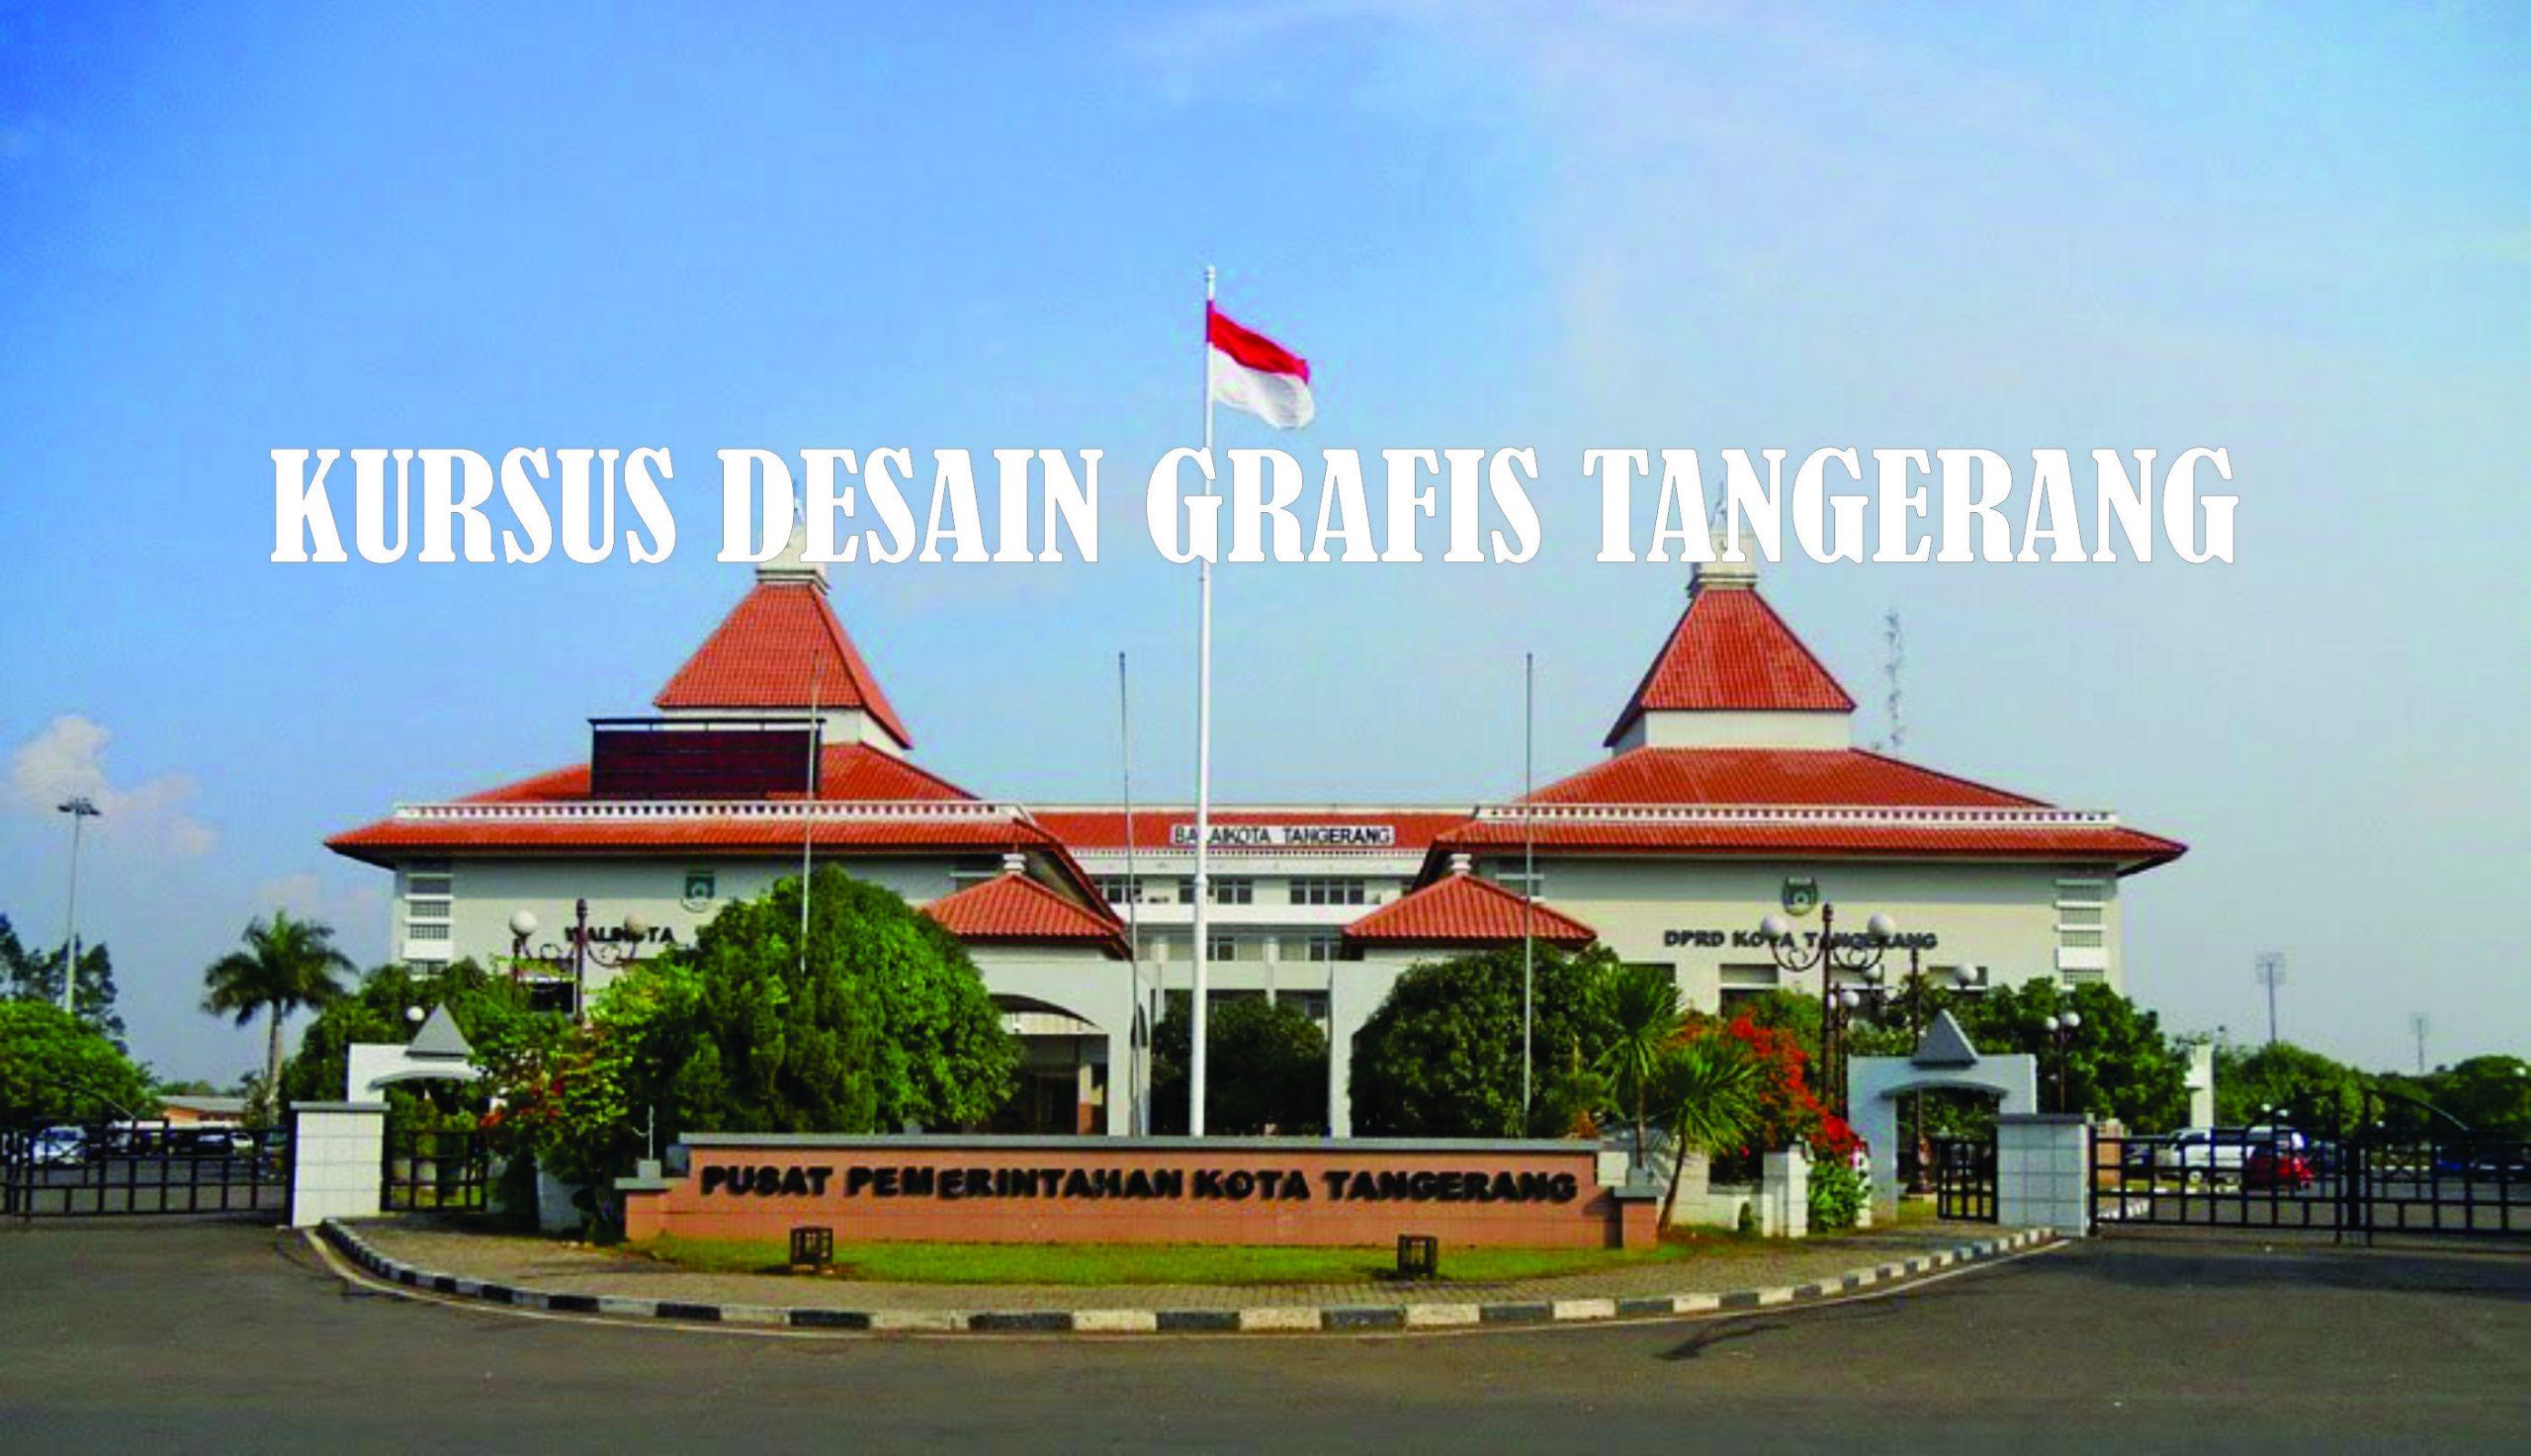 Kursus Desain Grafis di Tanggerang. Anda dapat melakukan pendaftaran di kontak ataupun mengunjungi website kami di imkom.co.id